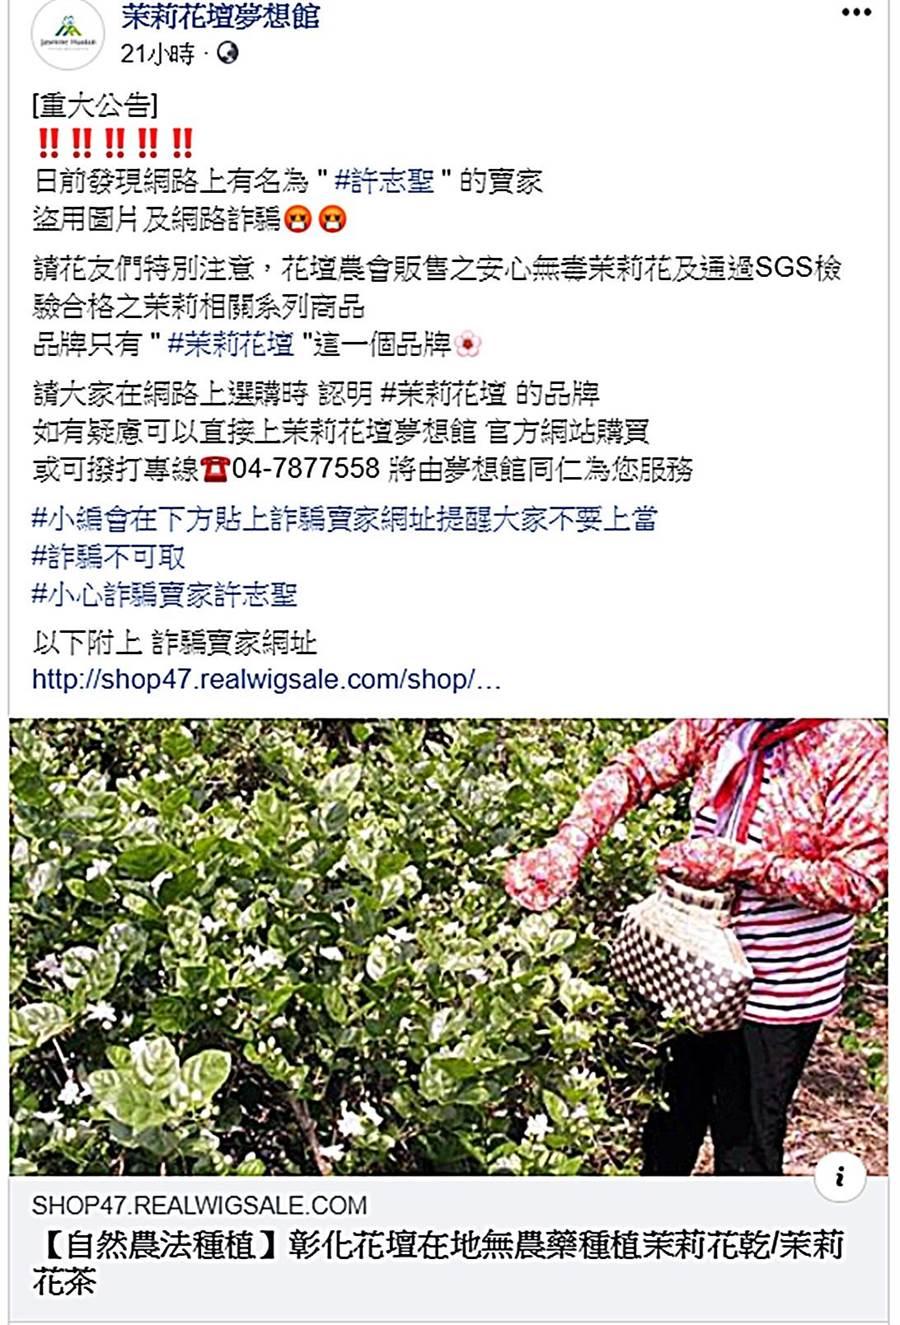 花壇鄉農會官方臉書粉絲專頁「茉莉花壇夢想館」緊急貼文澄清,提醒消費者誤信網路詐騙,要認明「茉莉花壇」,可直接到官網或撥打專線購買。(謝瓊雲翻攝)